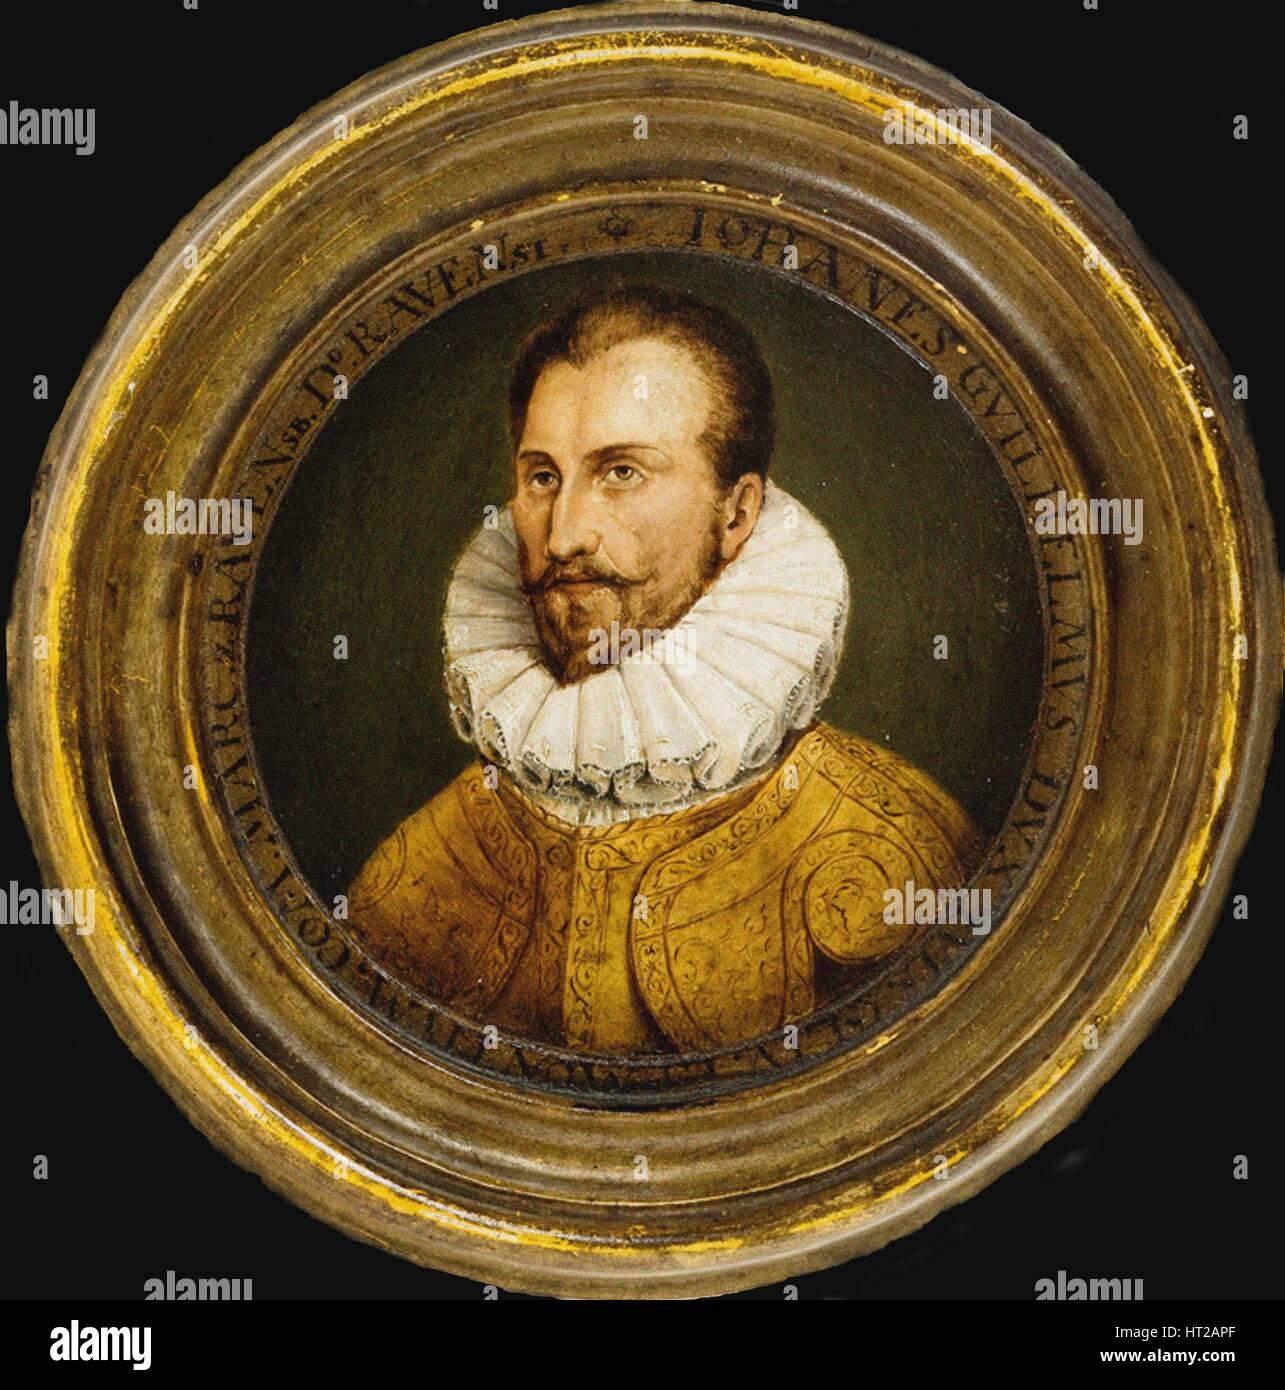 Porträt von John William, Herzog von Jülich-Cleves-Berg (1562-1609), 17. Jahrhundert. Künstler: anonym Stockbild